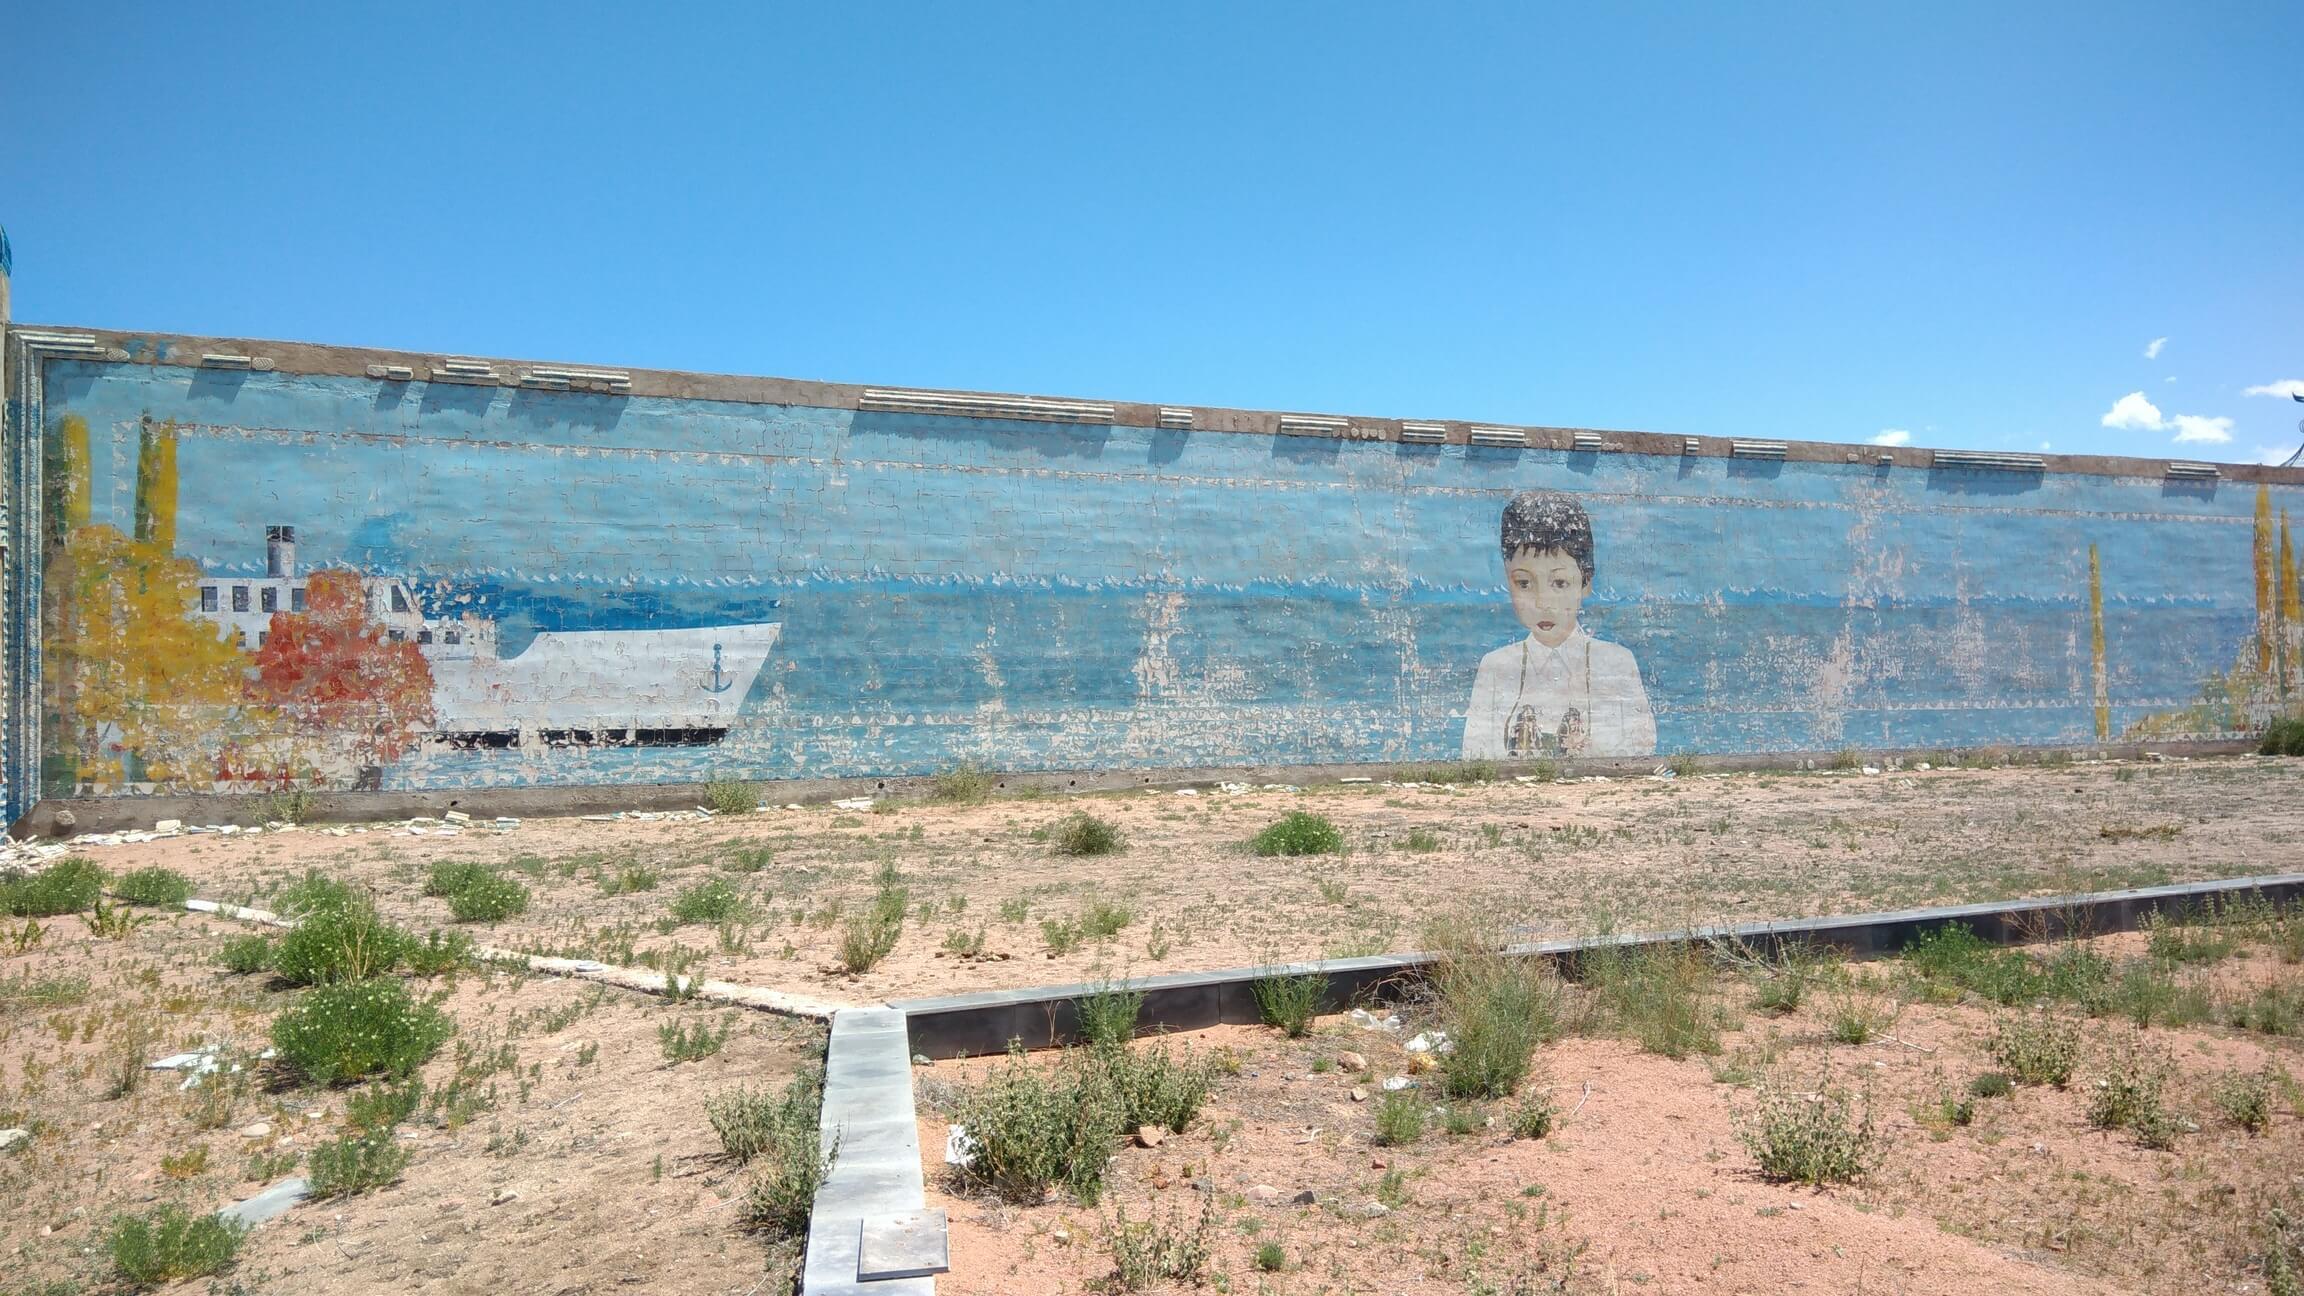 Fresque Garçon Roman Aïtmatov Issyk-Koul Kirghizstan